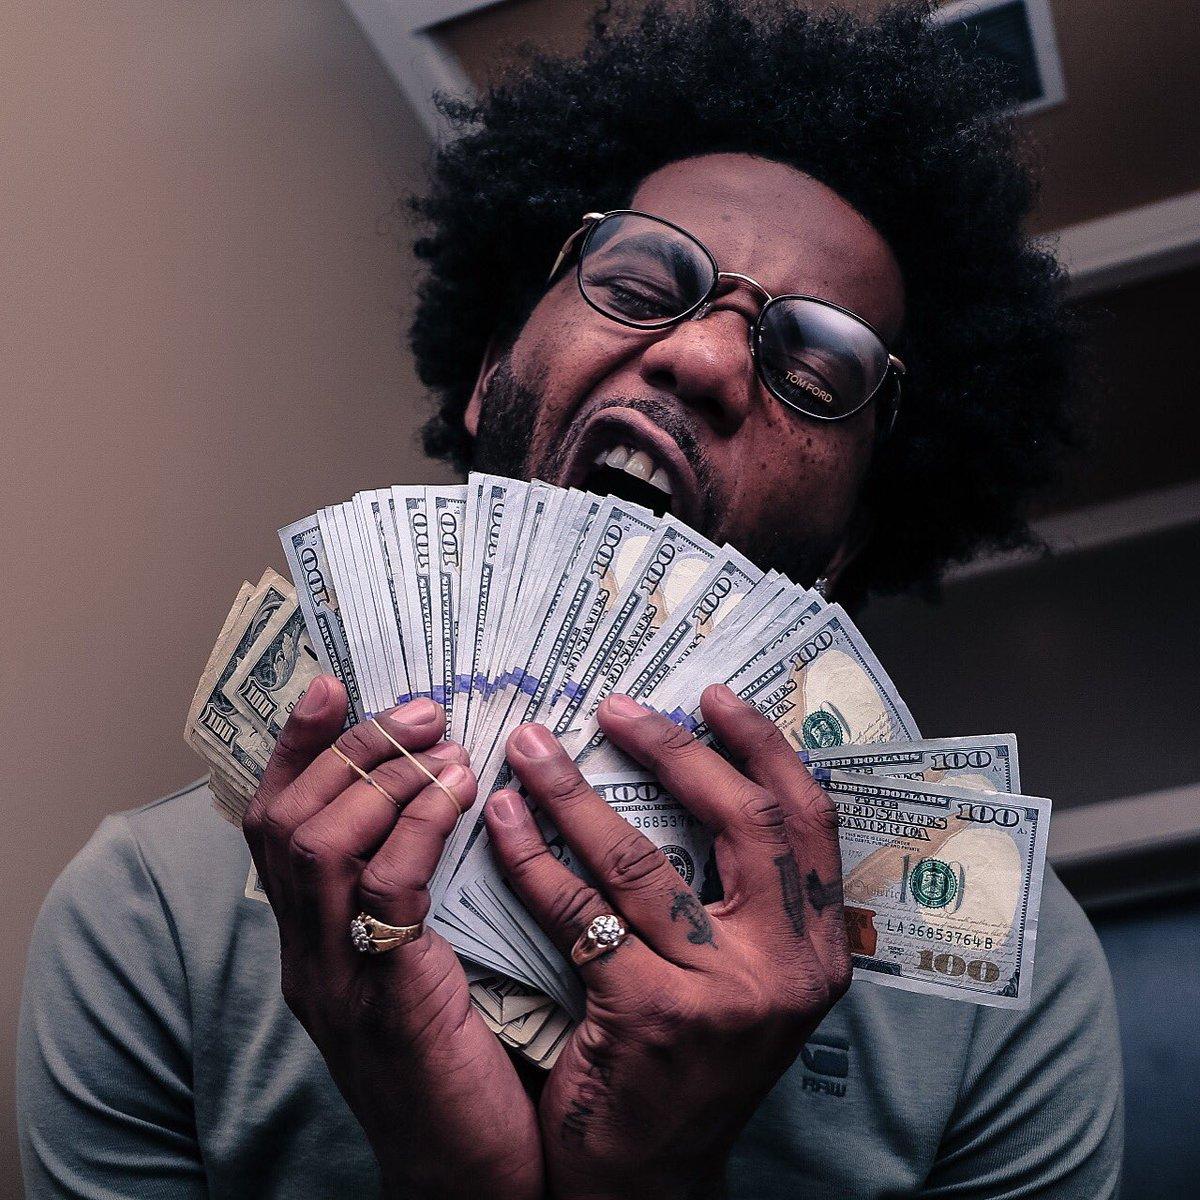 Meet Gucci Mane's New Artist's, Hoodrich Pablo Juan & Lil Wop